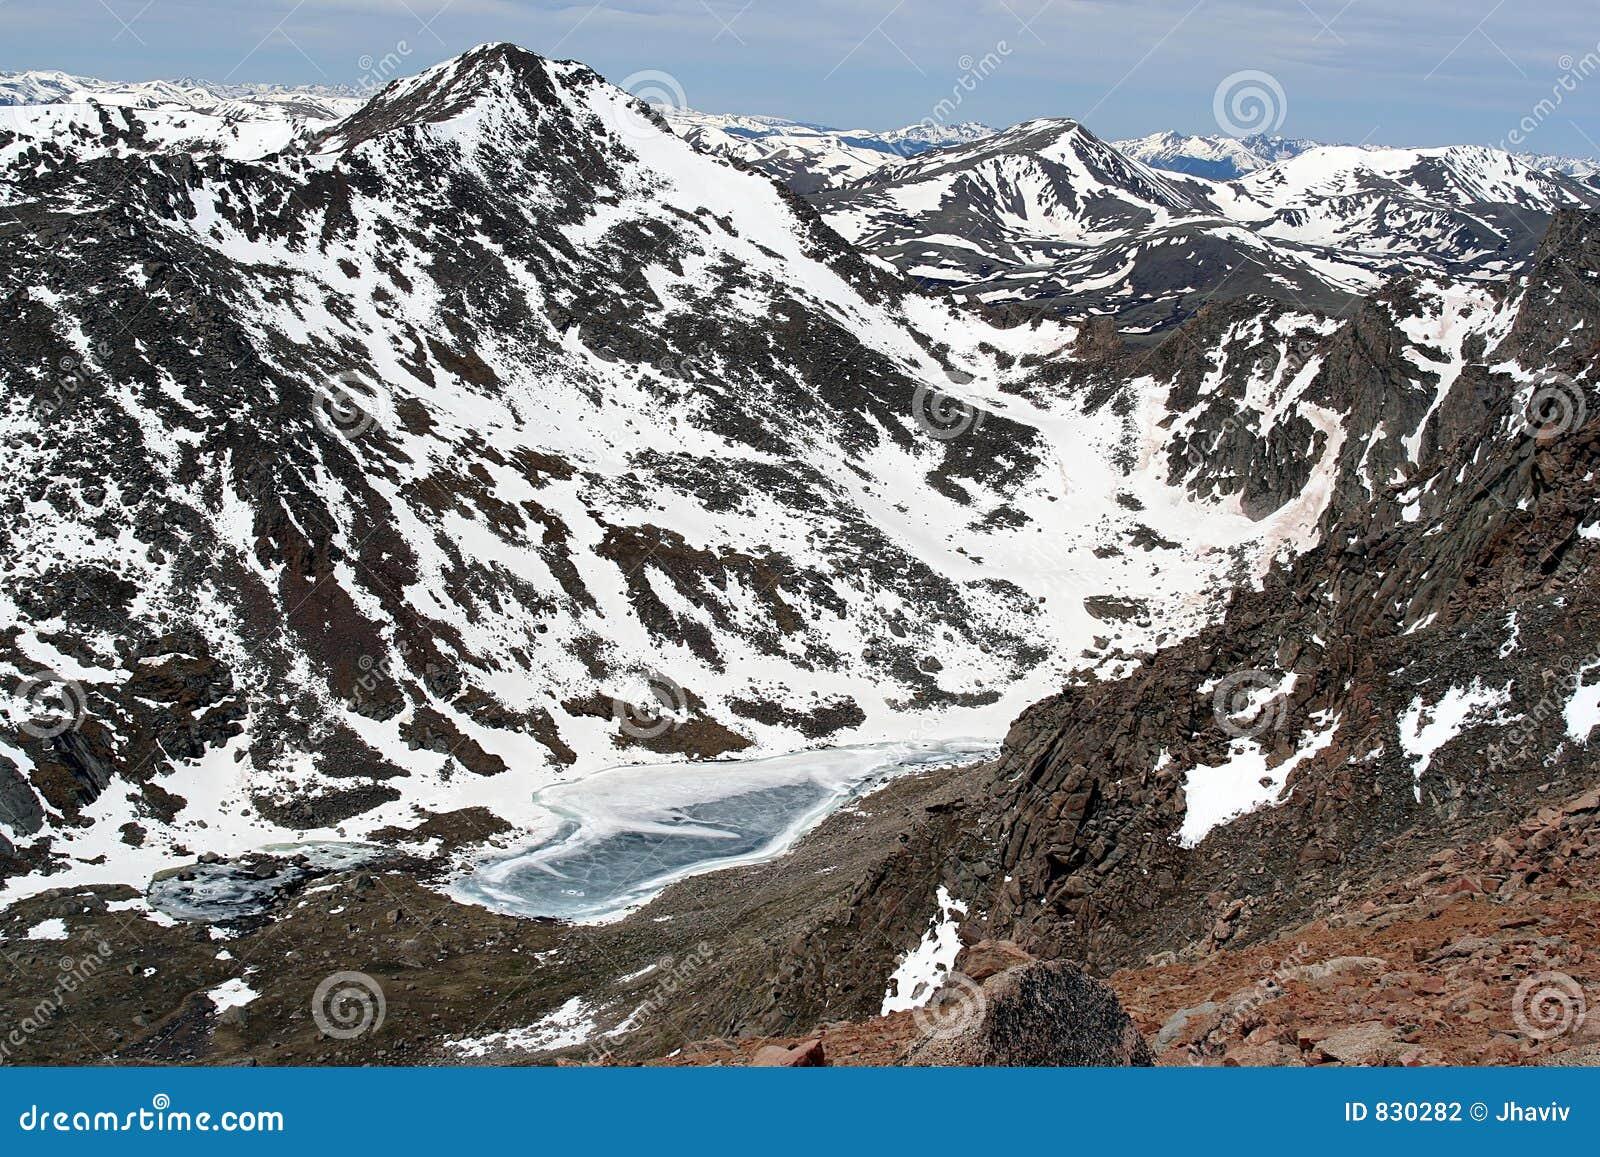 Rocky Mountains Lake View